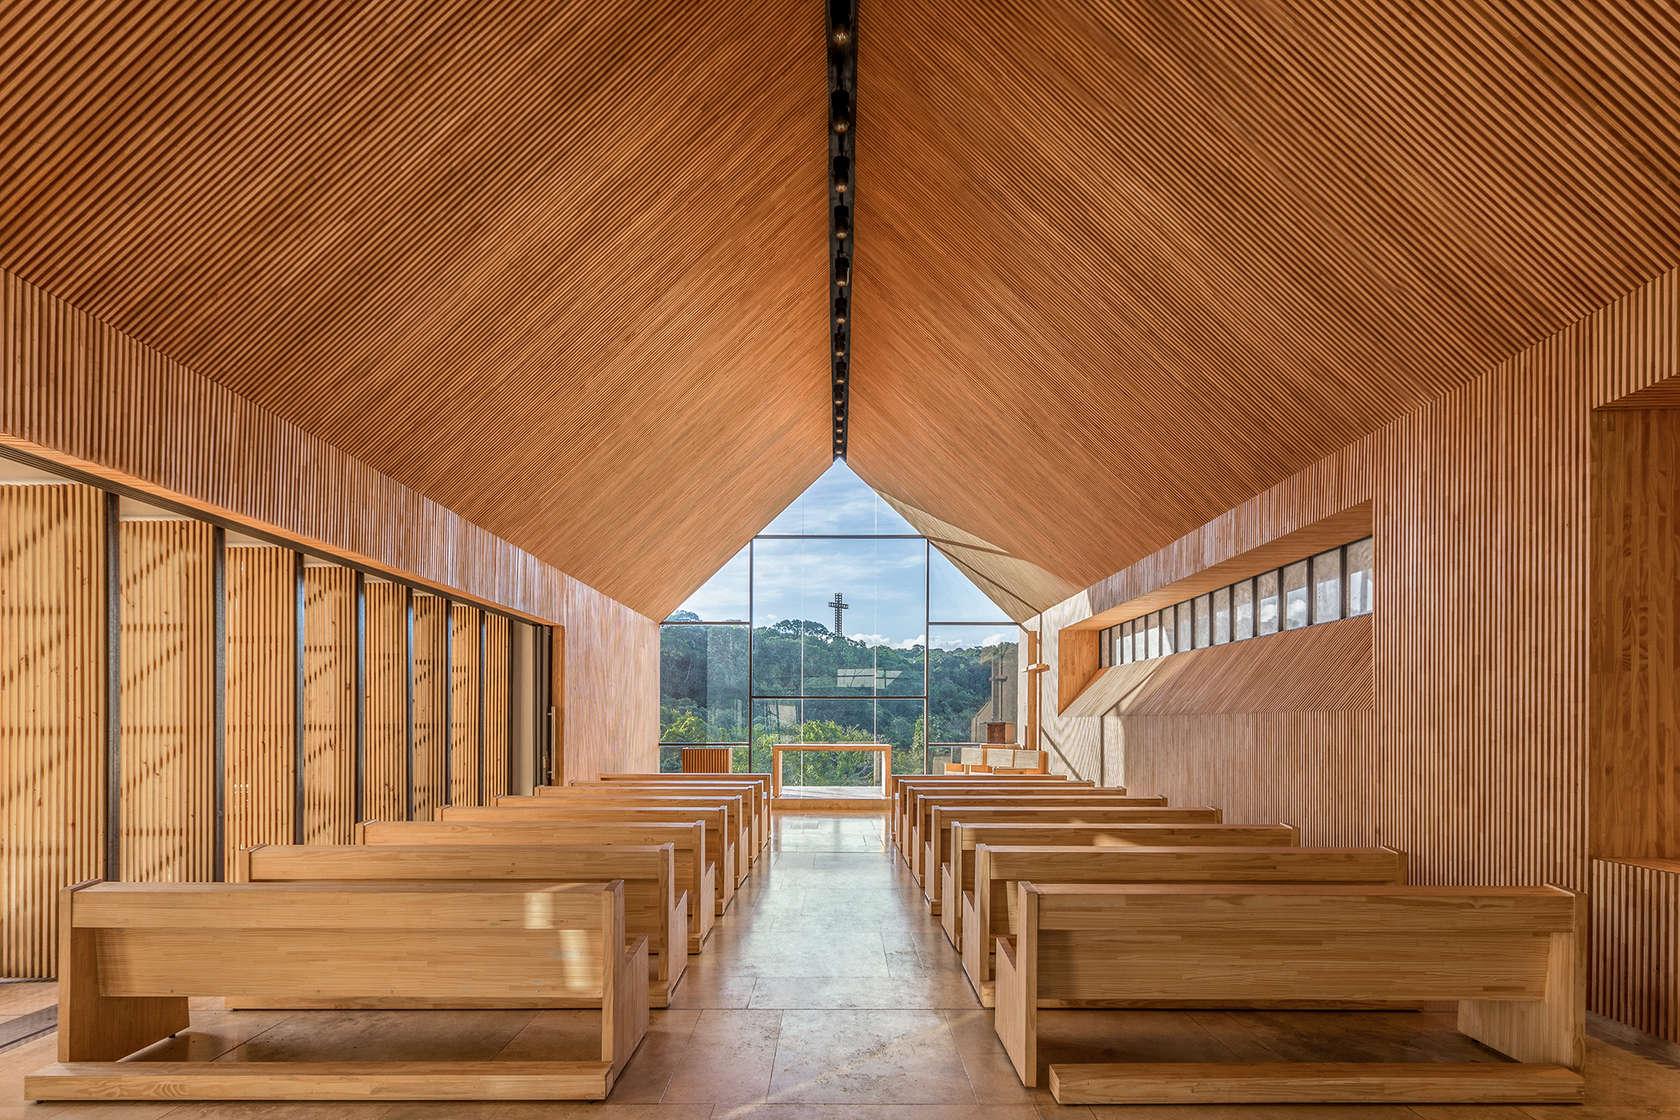 Vista verso l'altare. La parete di fondo, totalmente vetrata, consente di guardare verso la grande croce che si eleva al culmine del monte, che resta a memoria delle antiche Misiones gesuite in questa che era la terra dei Guaranì.